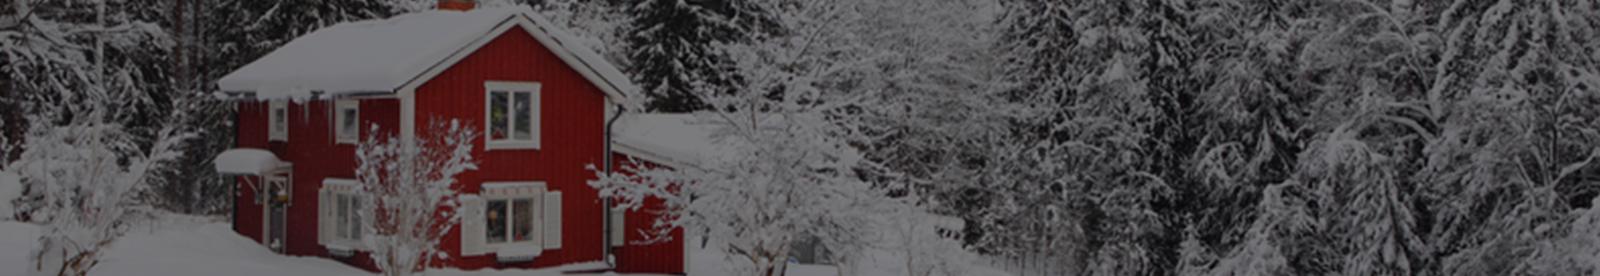 winterdiens-anfrage-banner